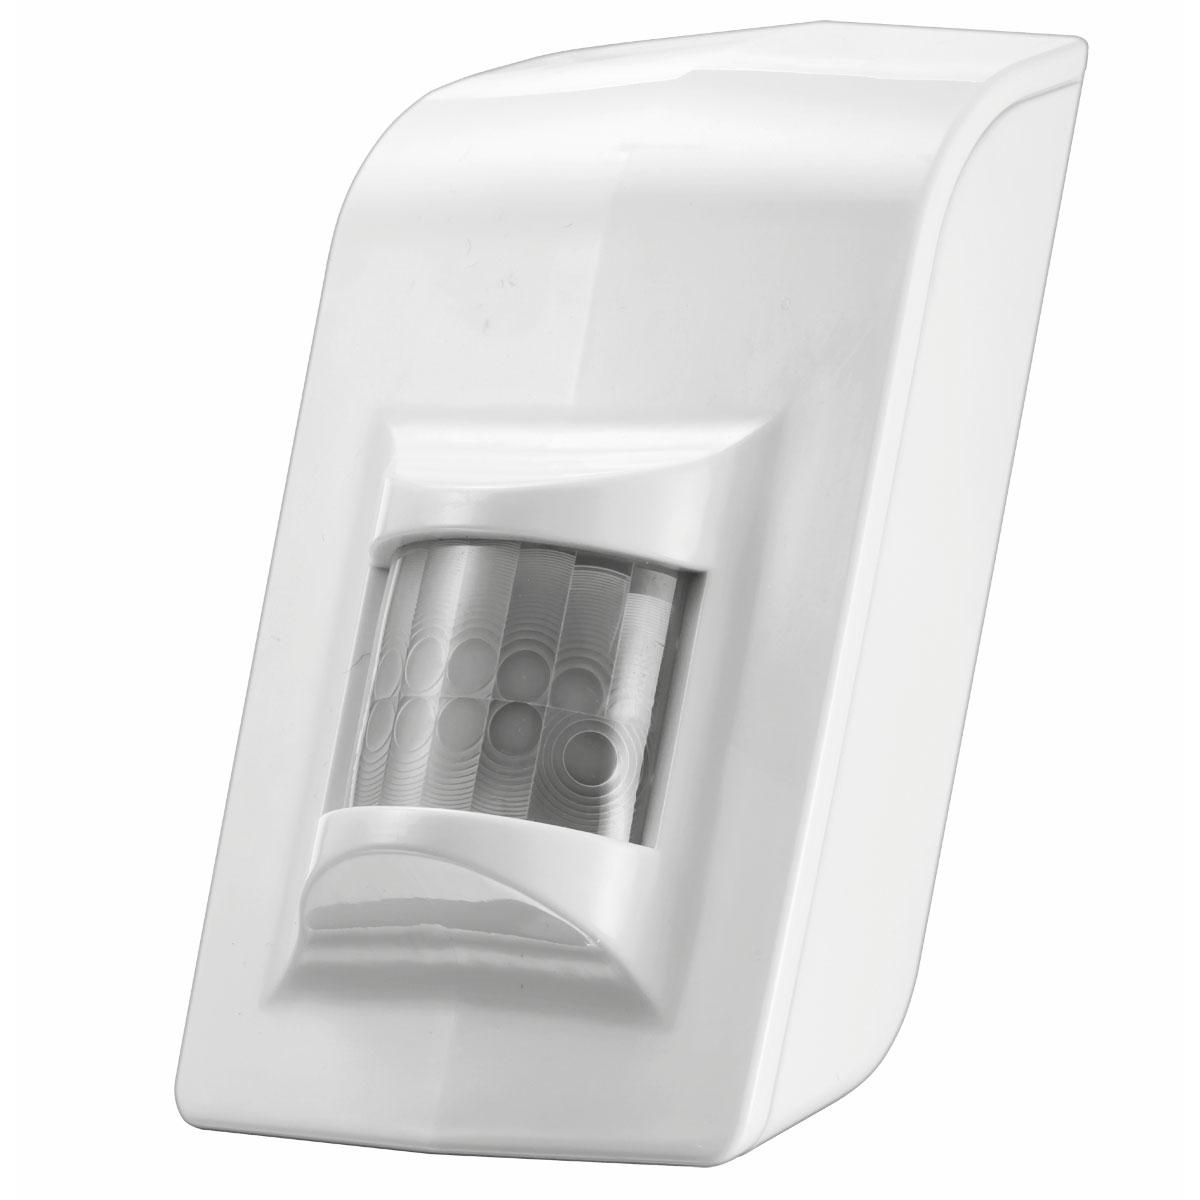 Détecteurs et capteurs Trust Smart Home Détecteur de mouvement ALMDT-2000 Détecteur de mouvement sans fil